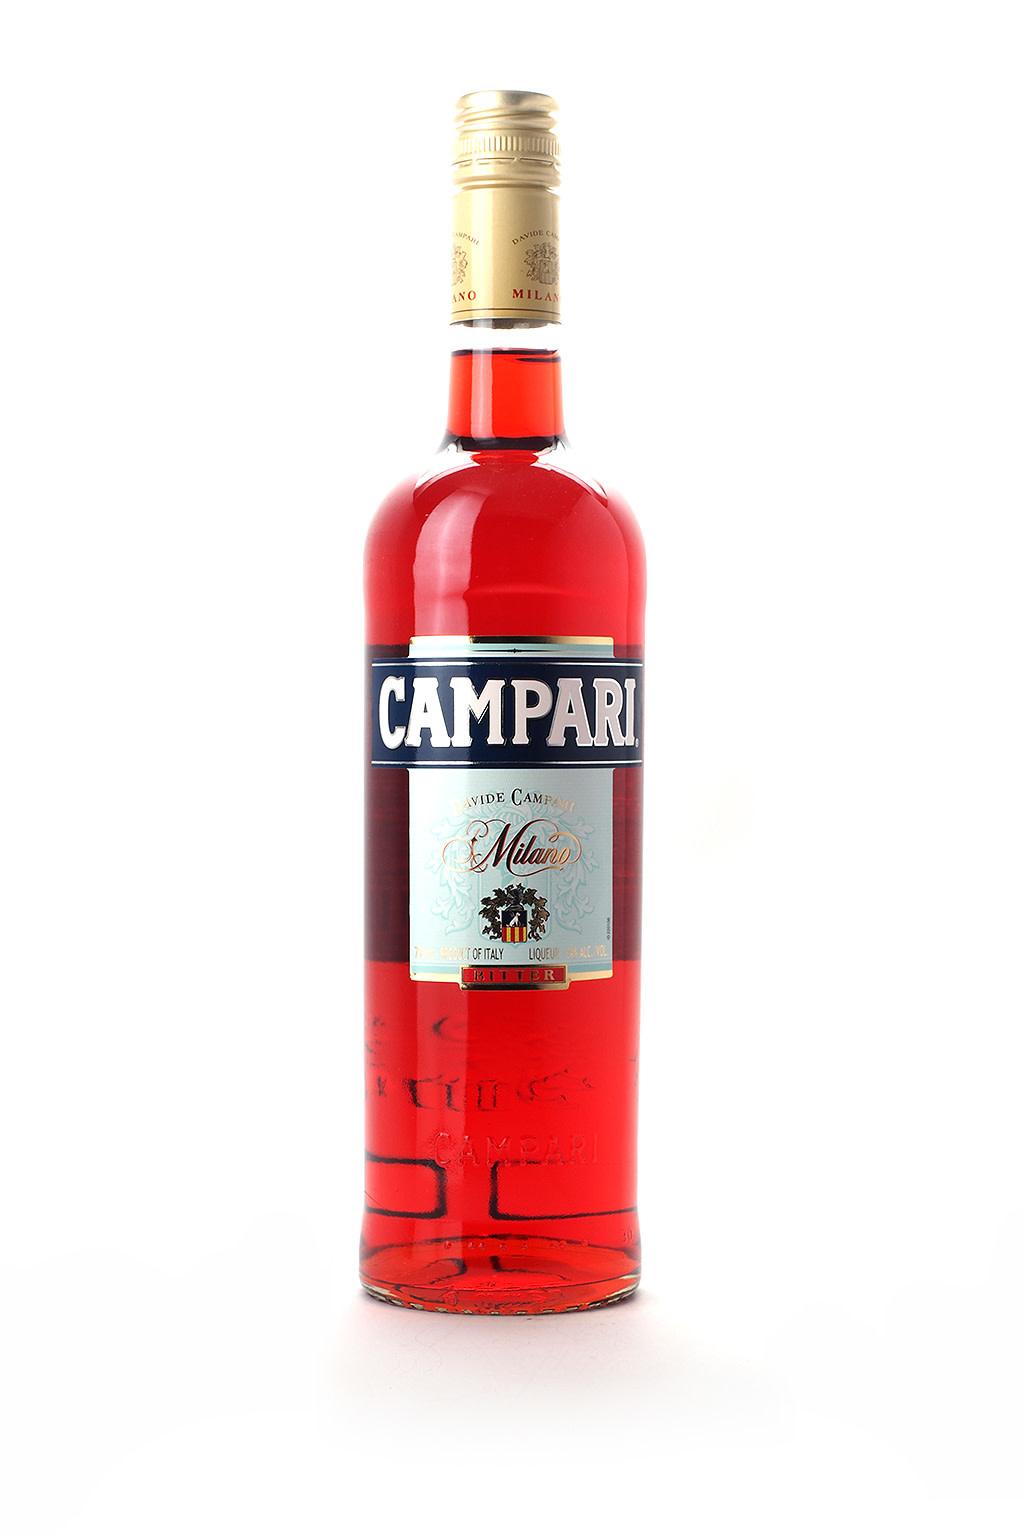 CAMPARI APERITIVO 750ml